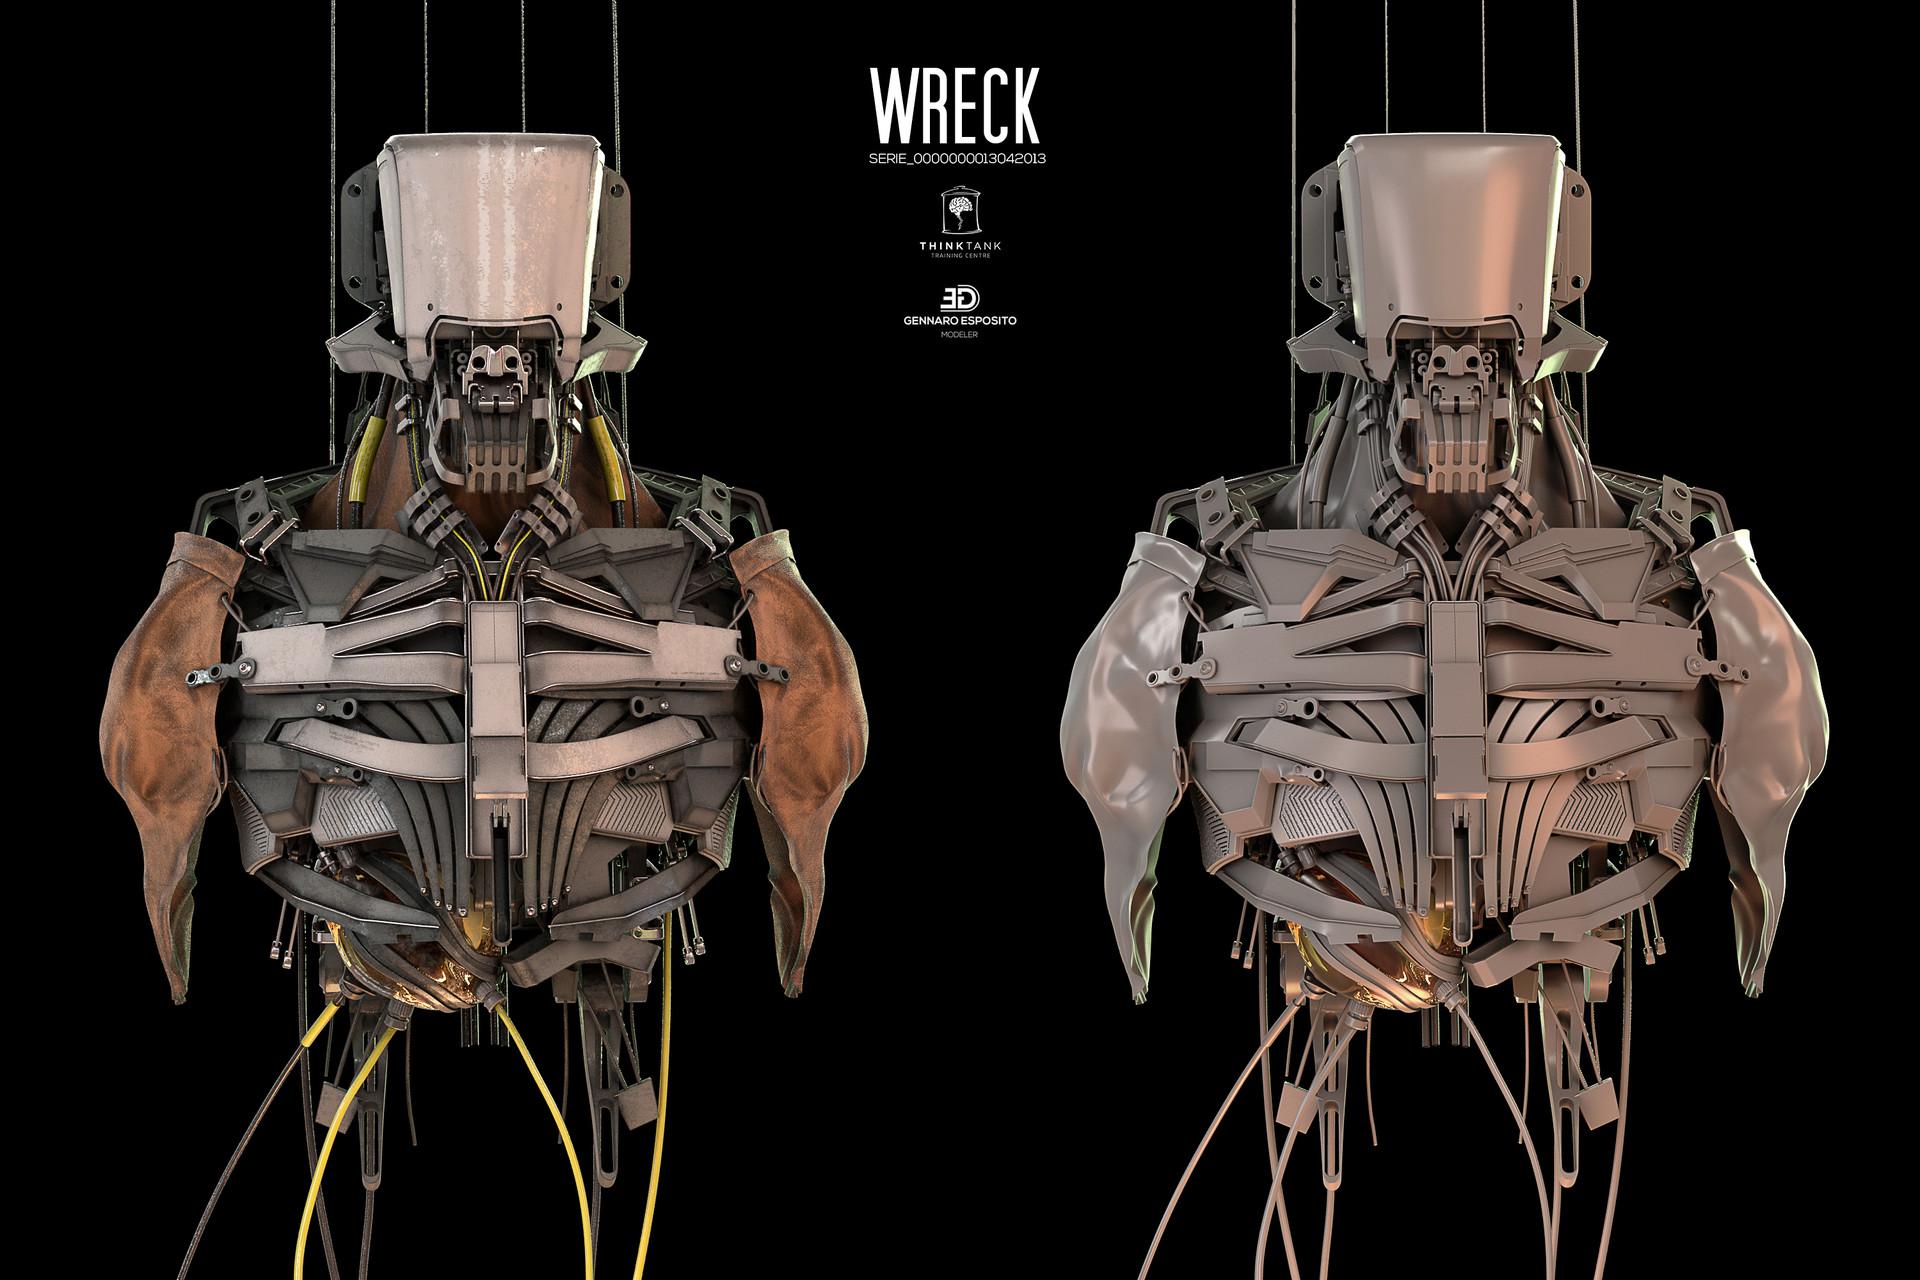 gennaro-esposito-wreck02-gennaroesposito